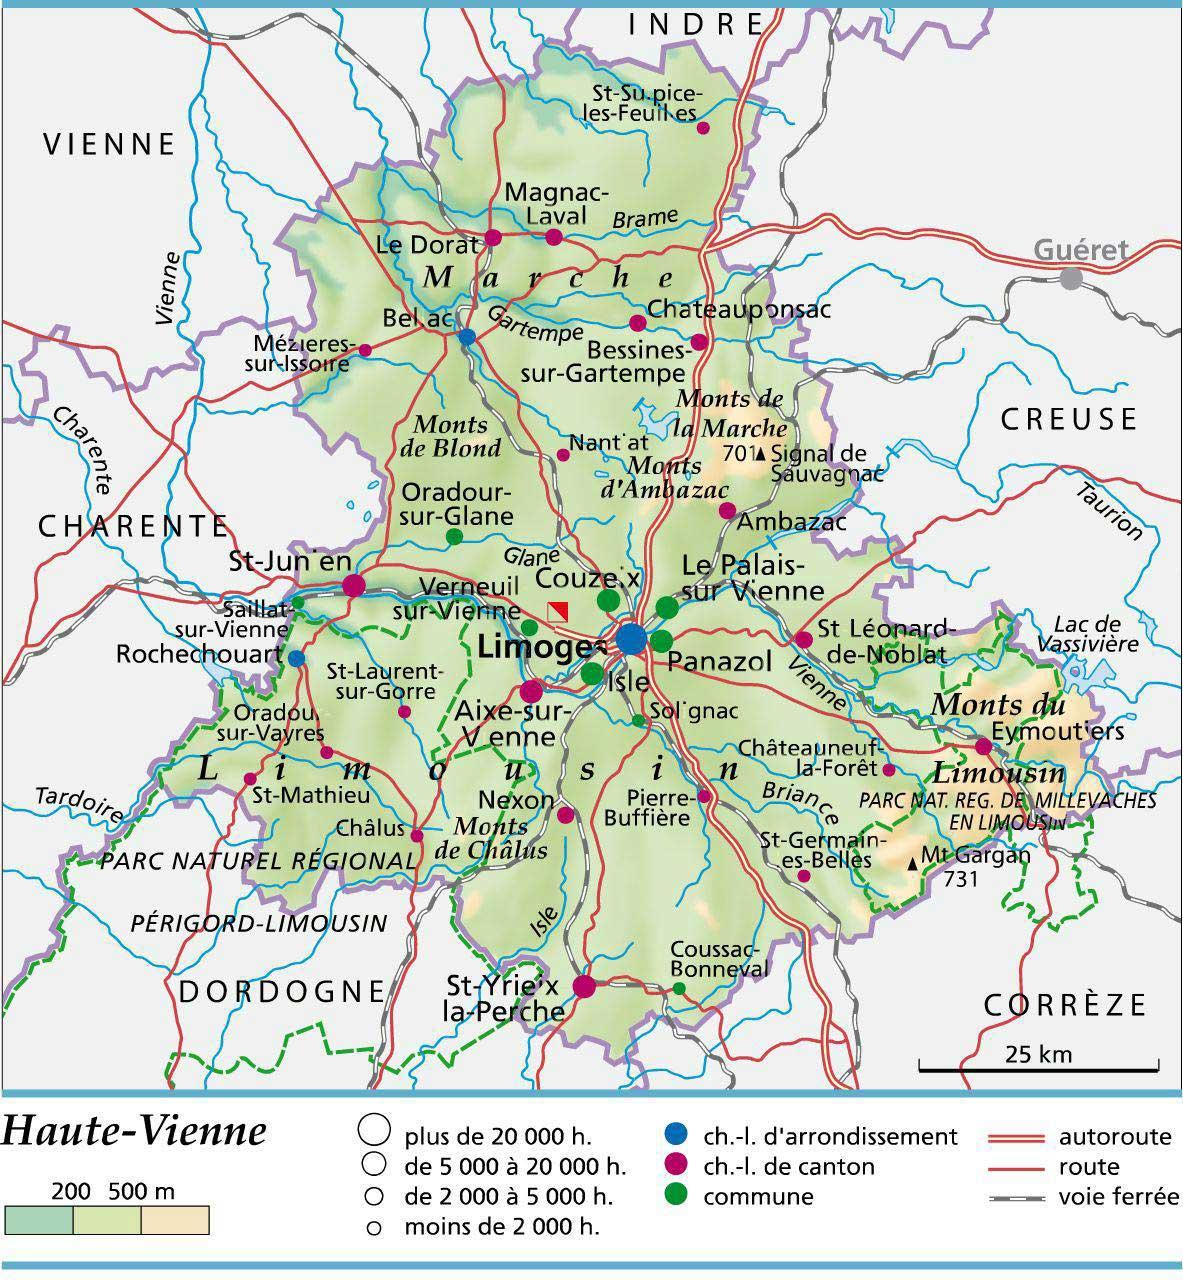 Carte Touristique Haute Vienne.Carte De La Haute Vienne Vacances Arts Guides Voyages